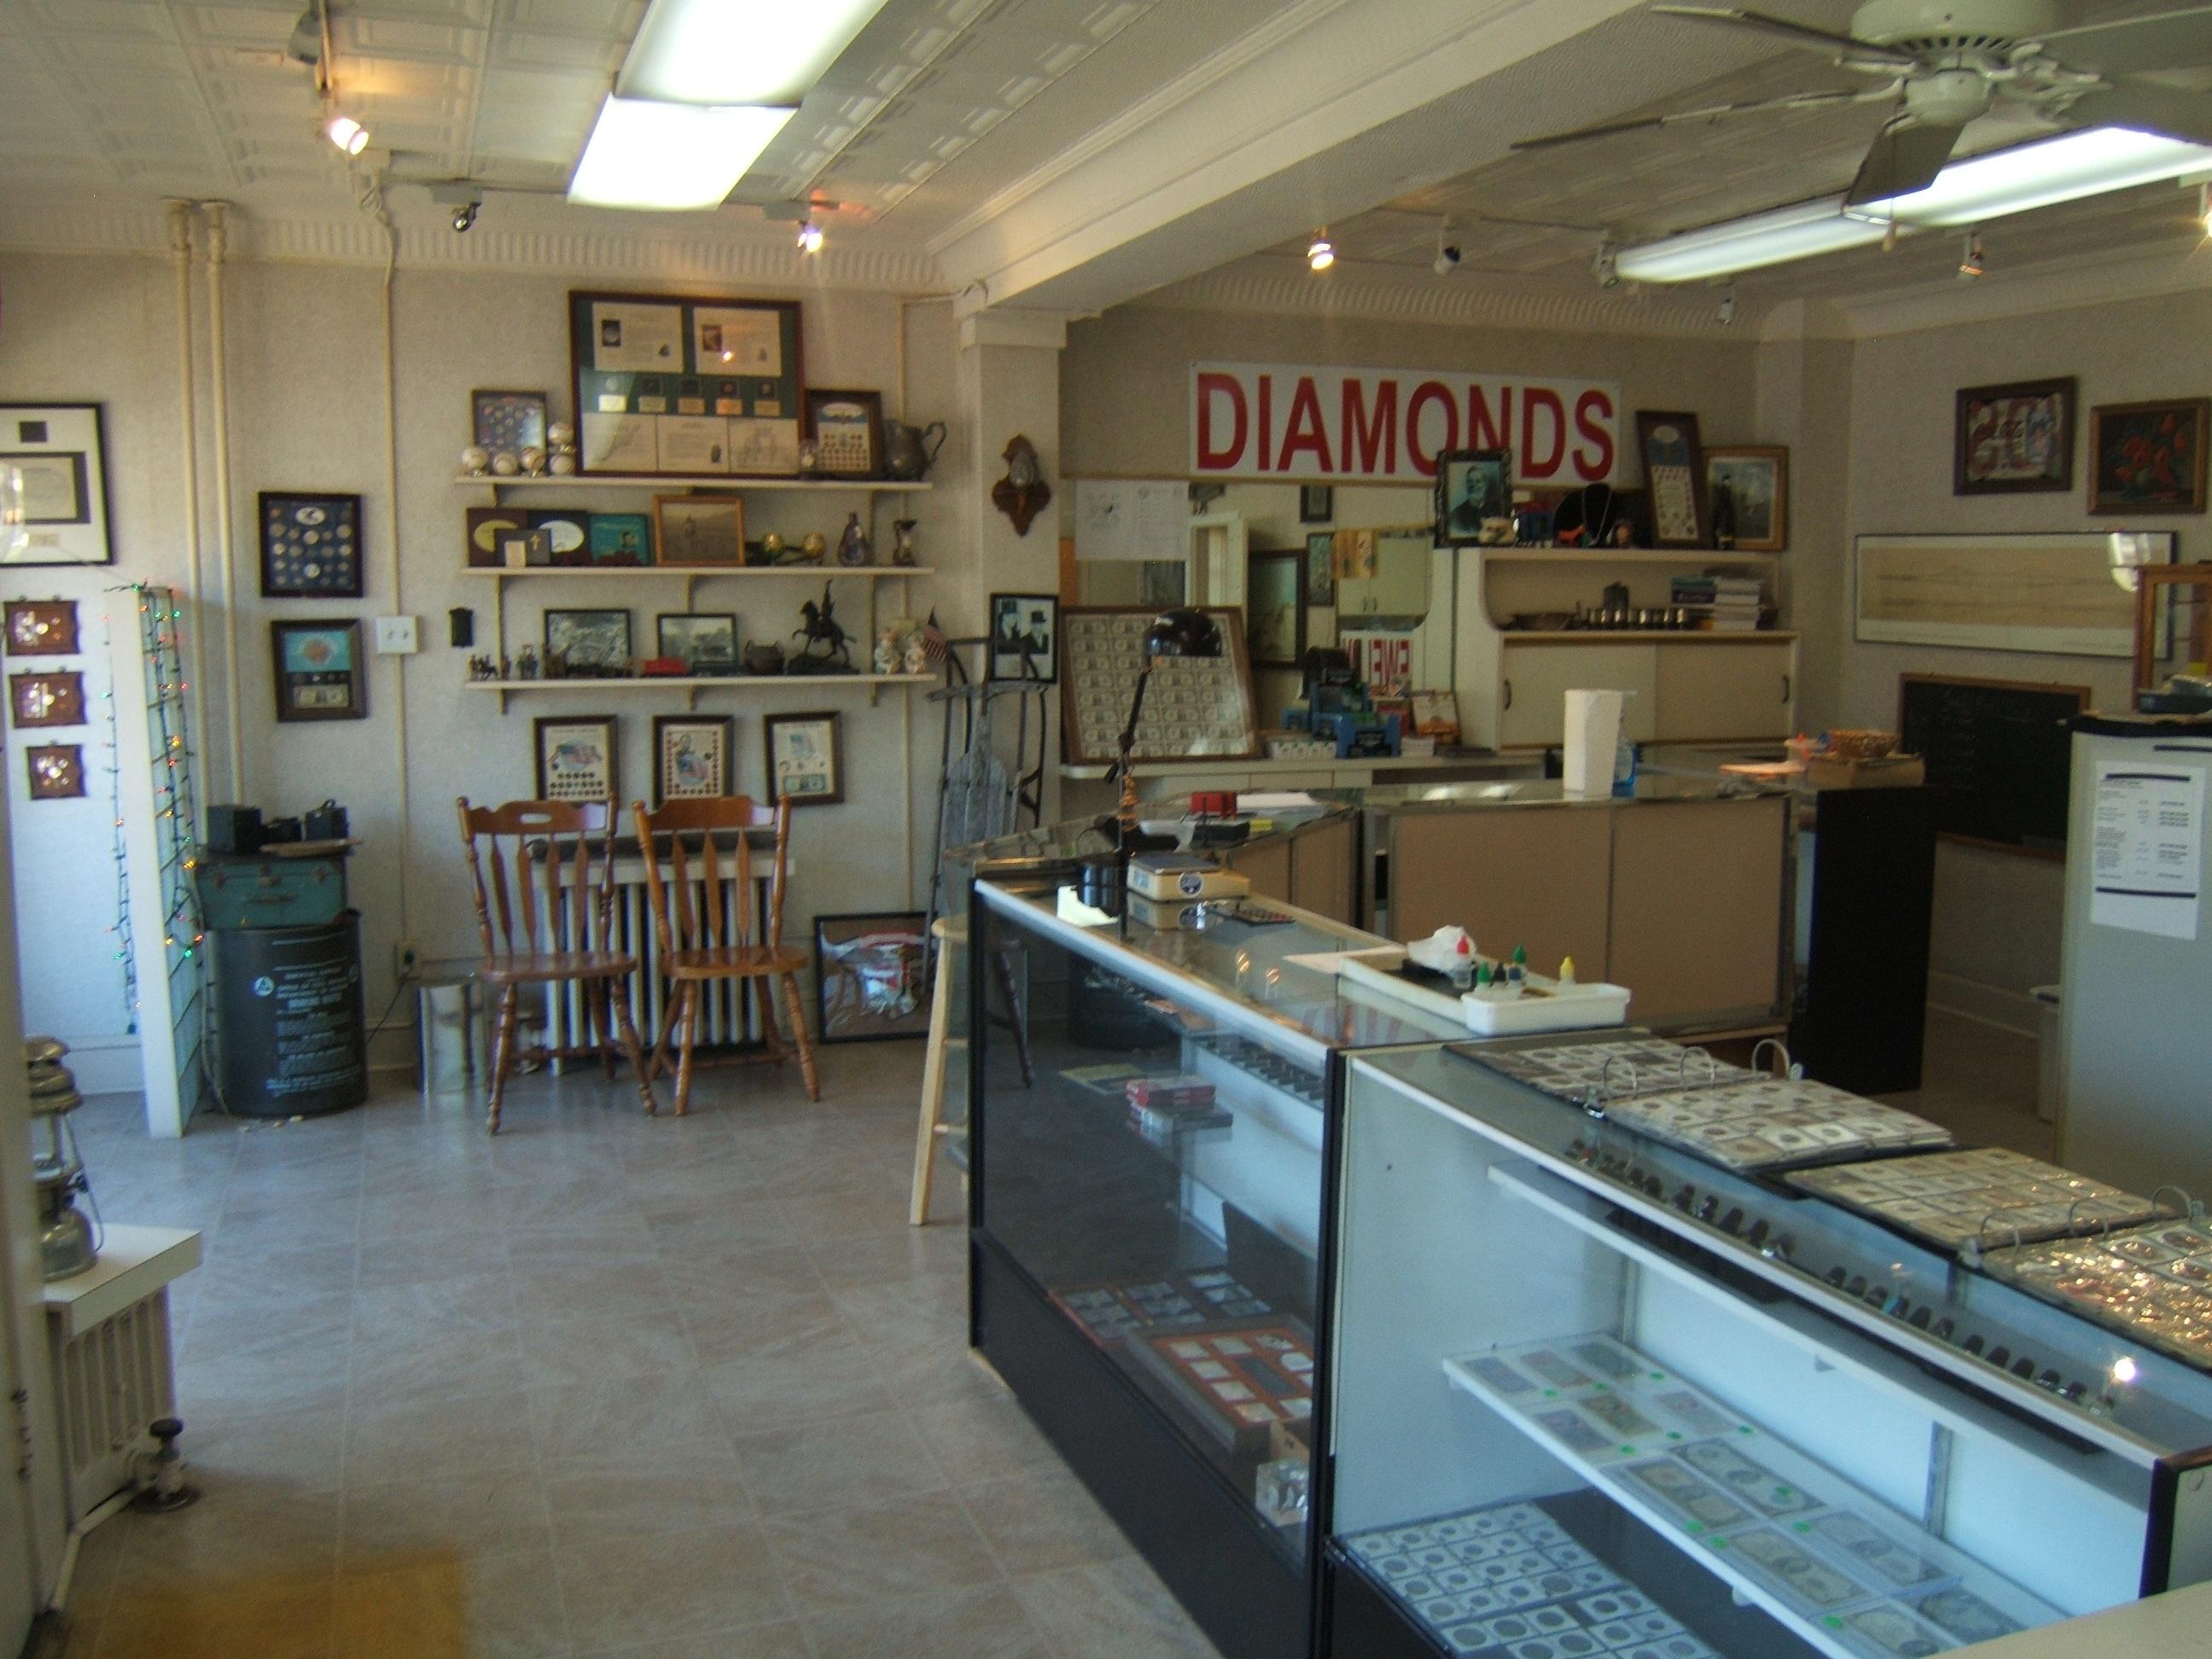 Shop Interior at Counter||||